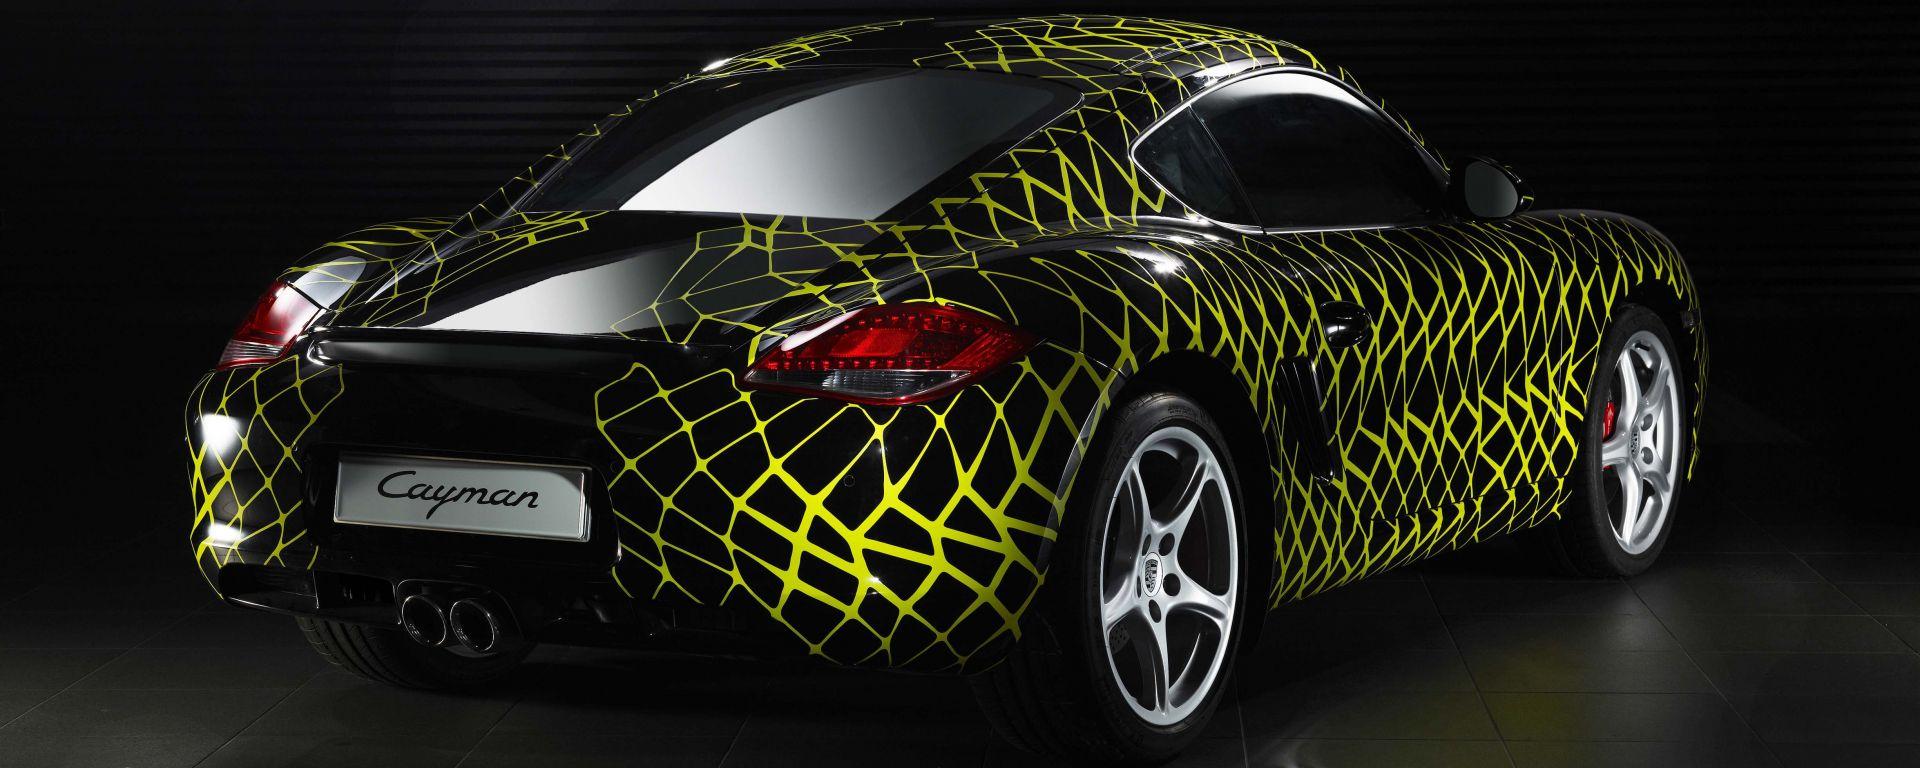 Porsche Cayman Art Car